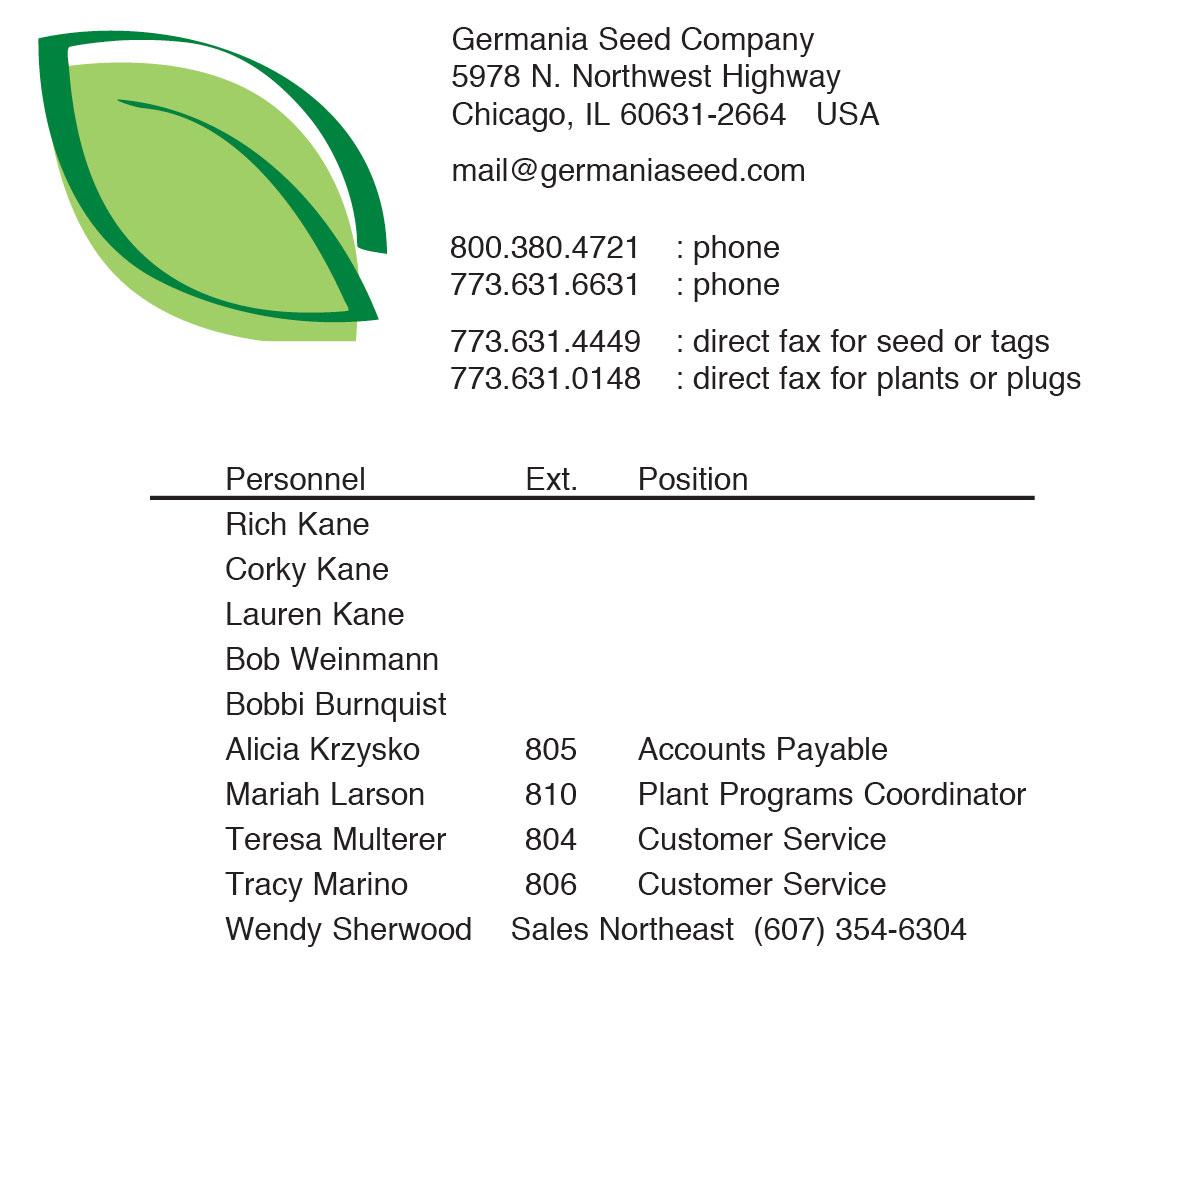 Germania Seed Company - ph 800-380-4721